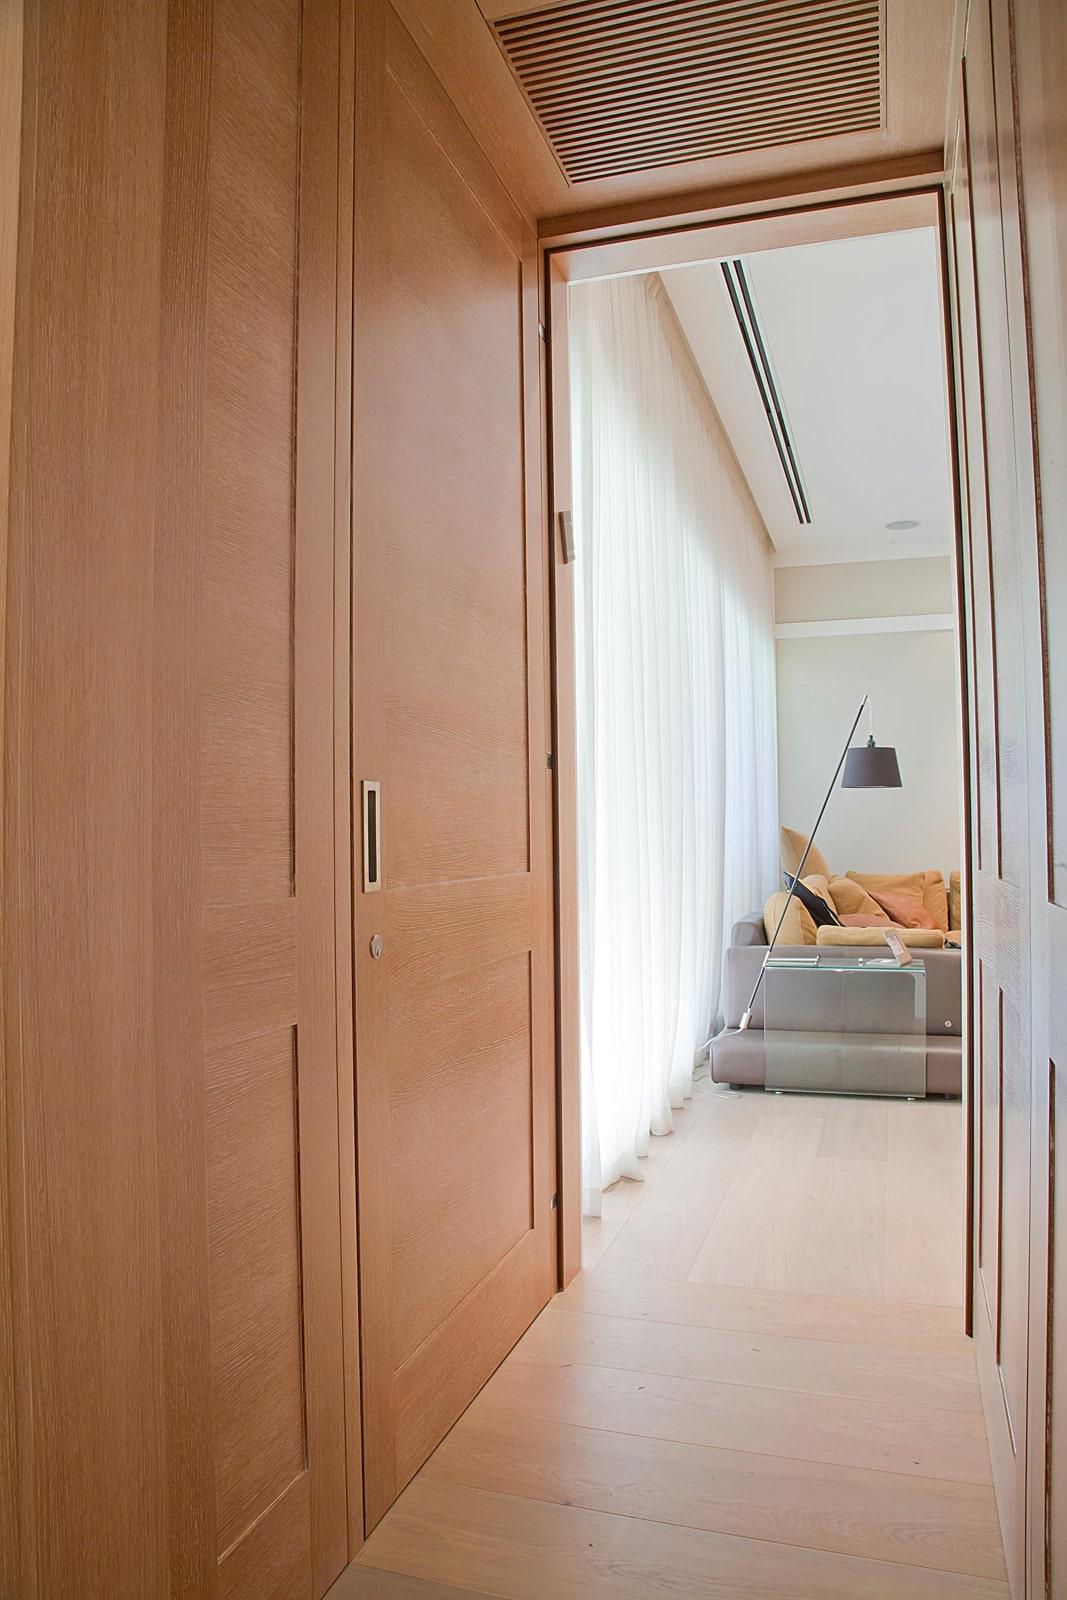 דלת כניסה אלון אירופאי ציר פנימי נכנסת שקועה